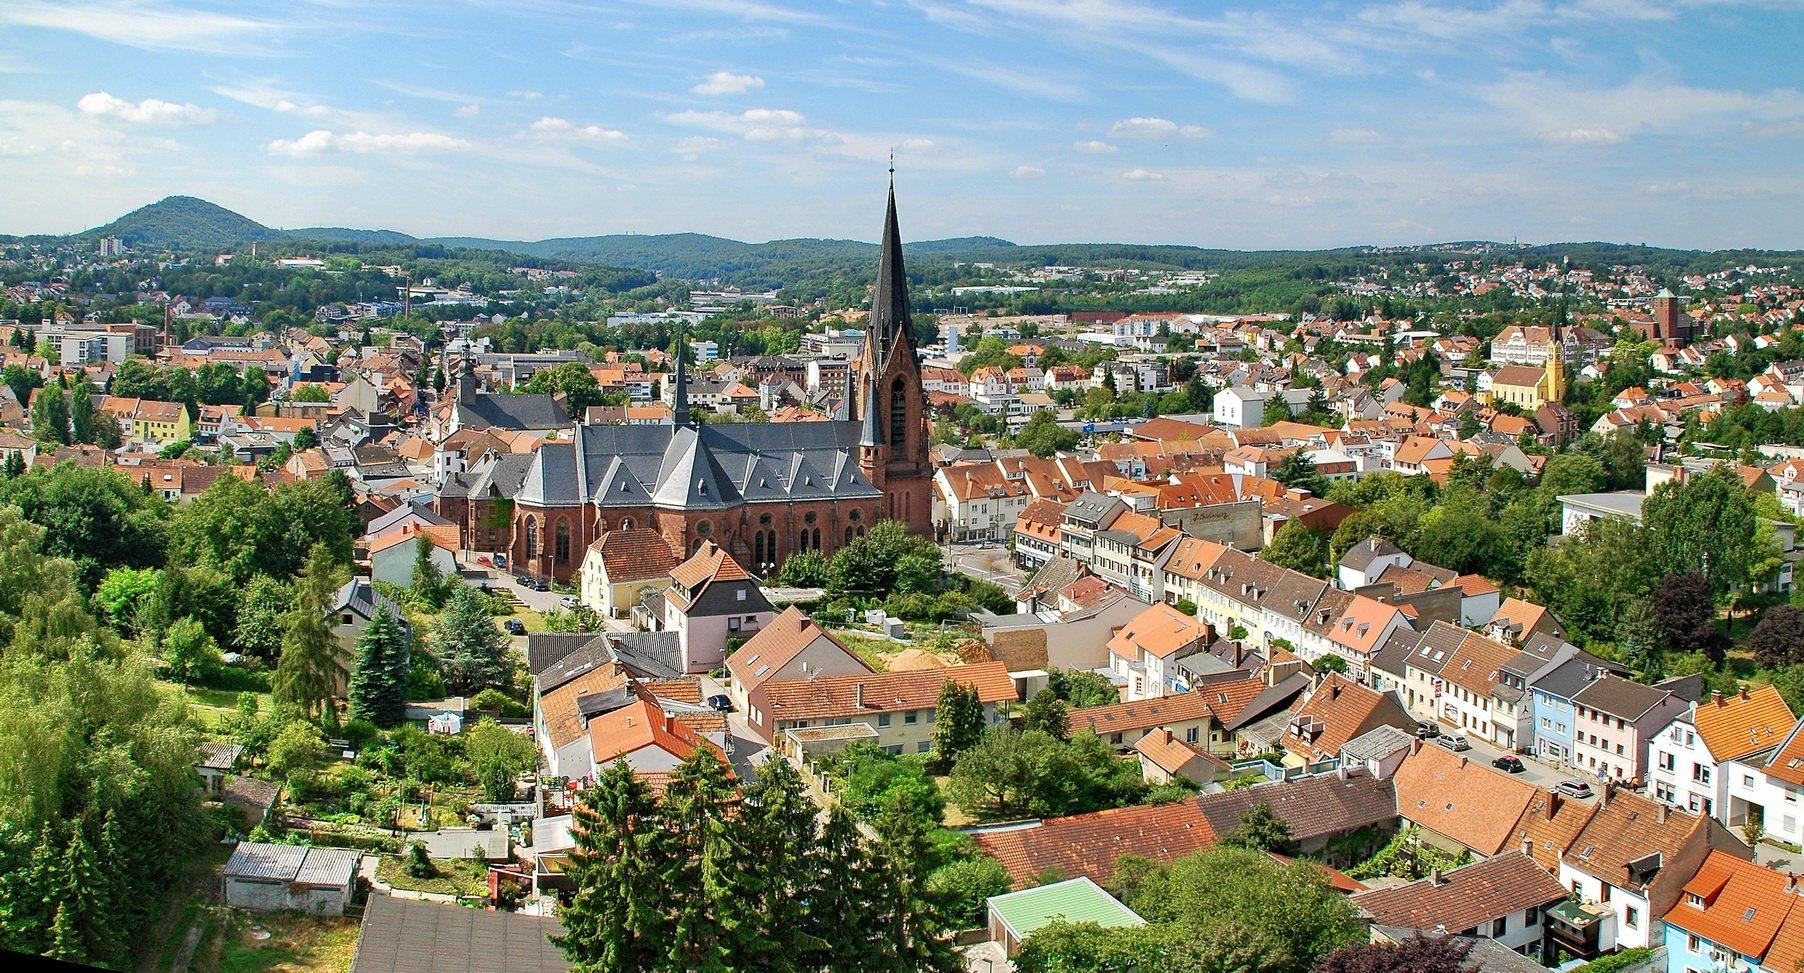 Luftbild Stadt St. Ingbert